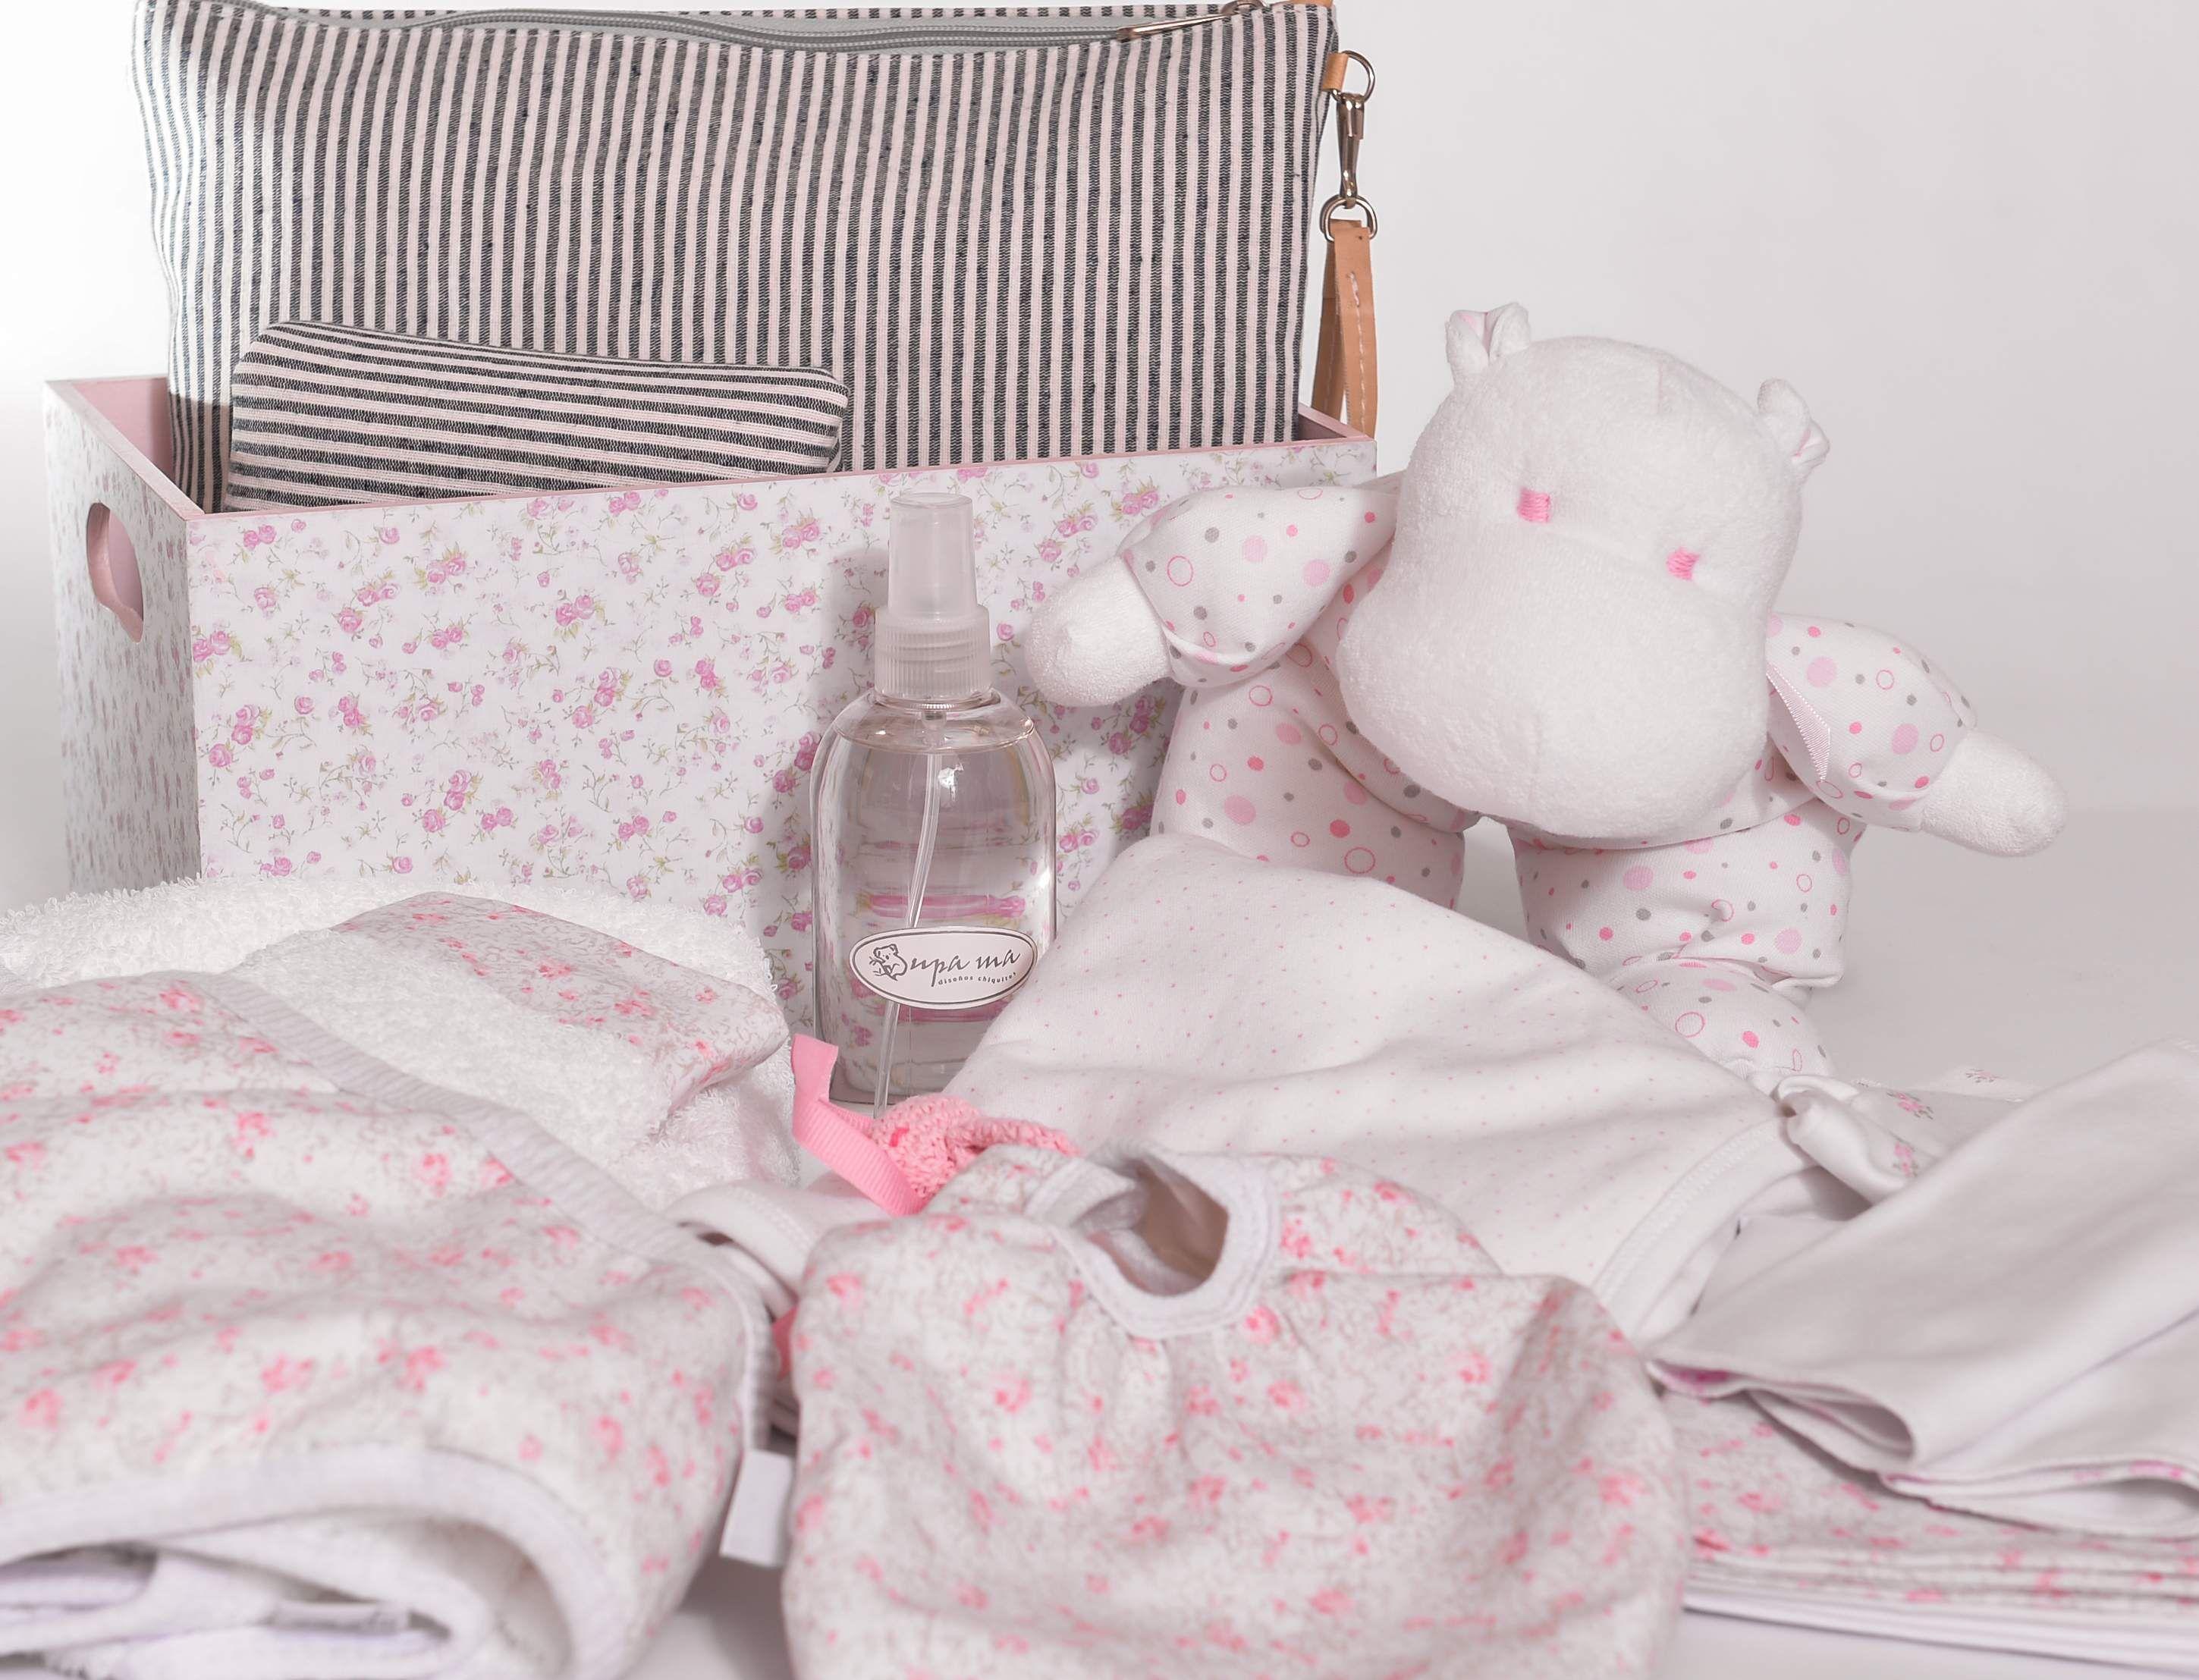 Cajita organizadpra bolsito cambiador toallon con capucha babero para comer colonia bebe set de babitas peluche hipopotamo portachupete